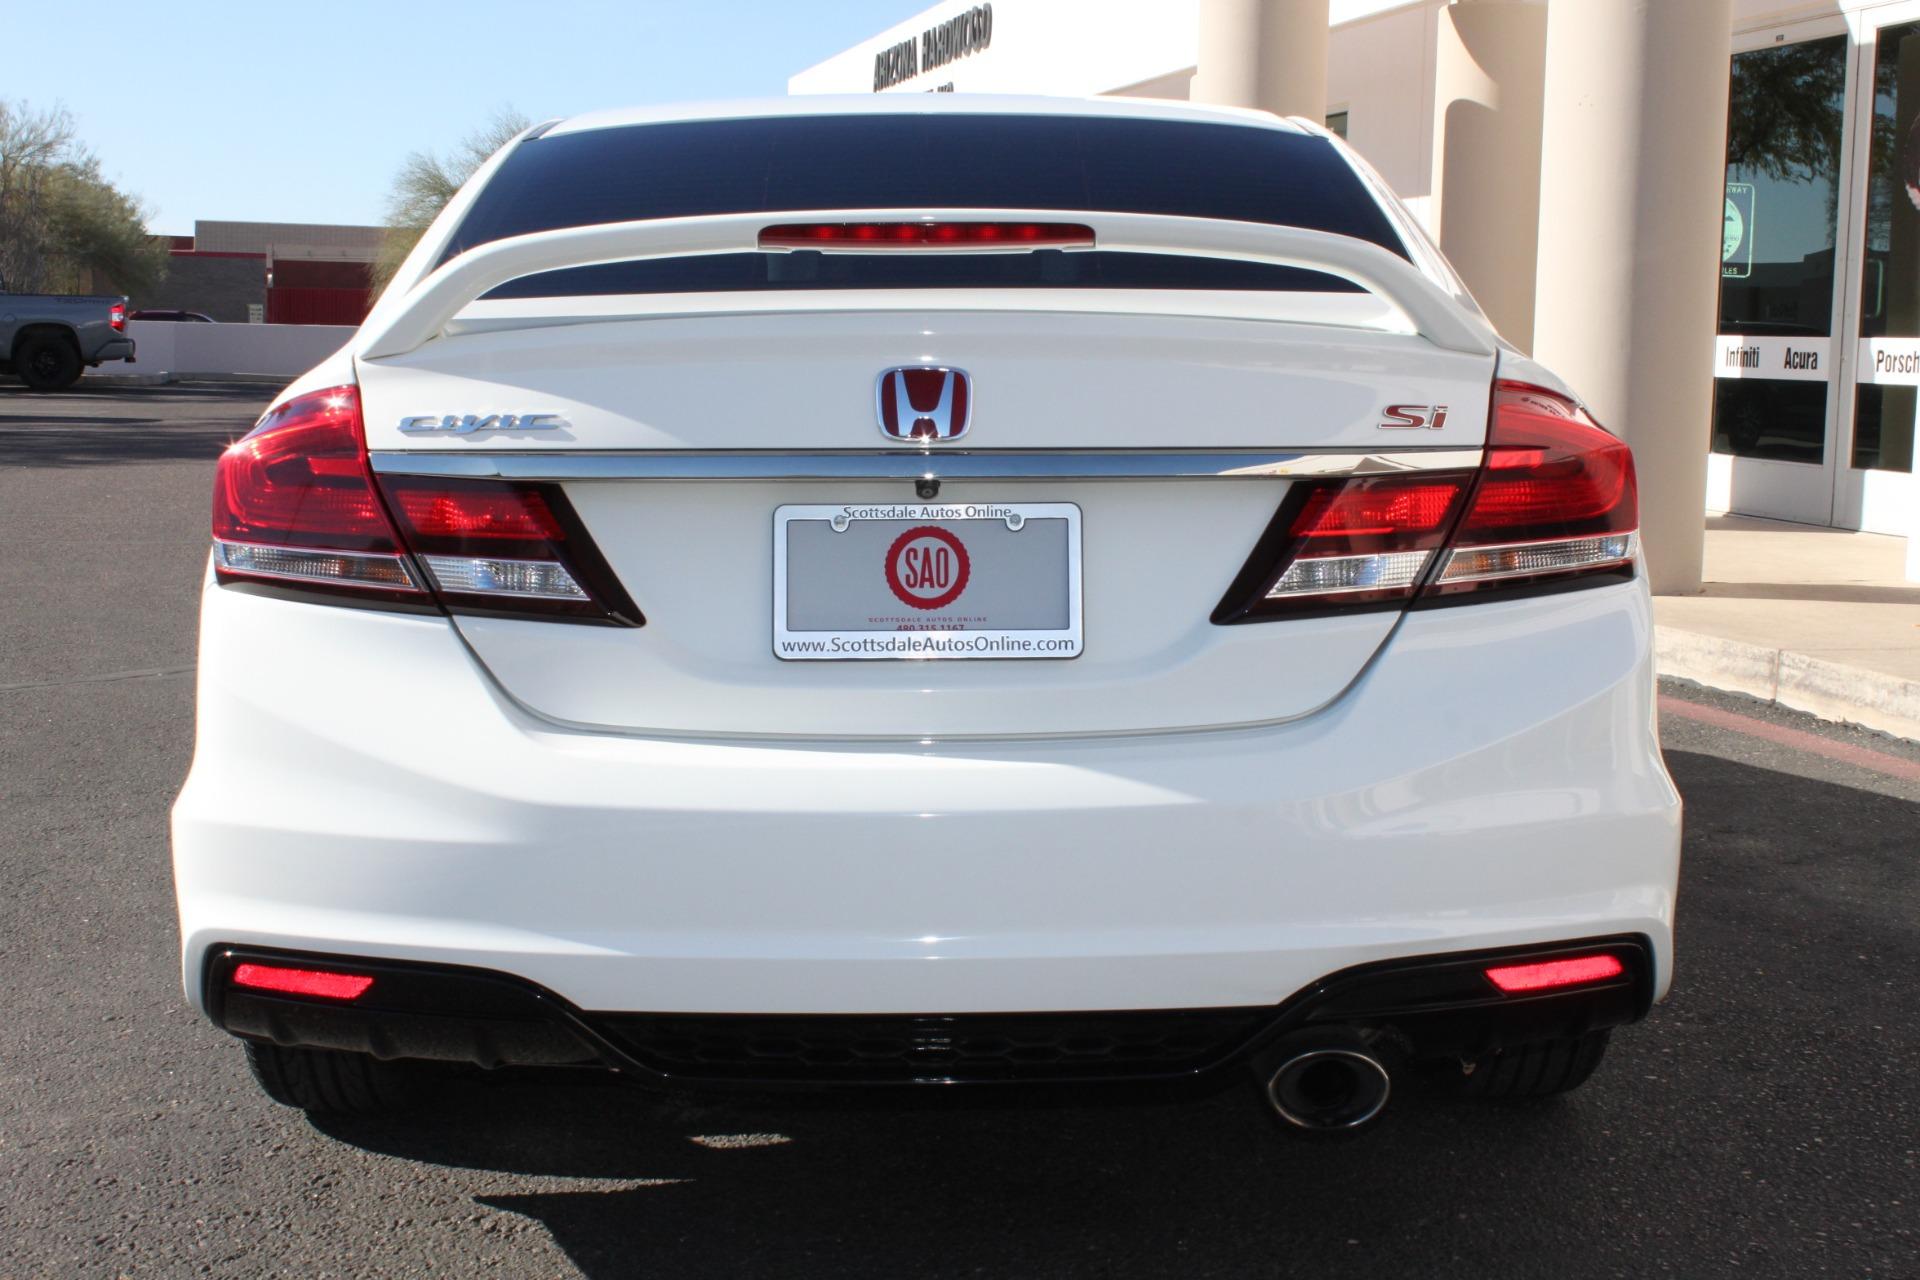 Used-2013-Honda-Civic-Sedan-Si-Mopar